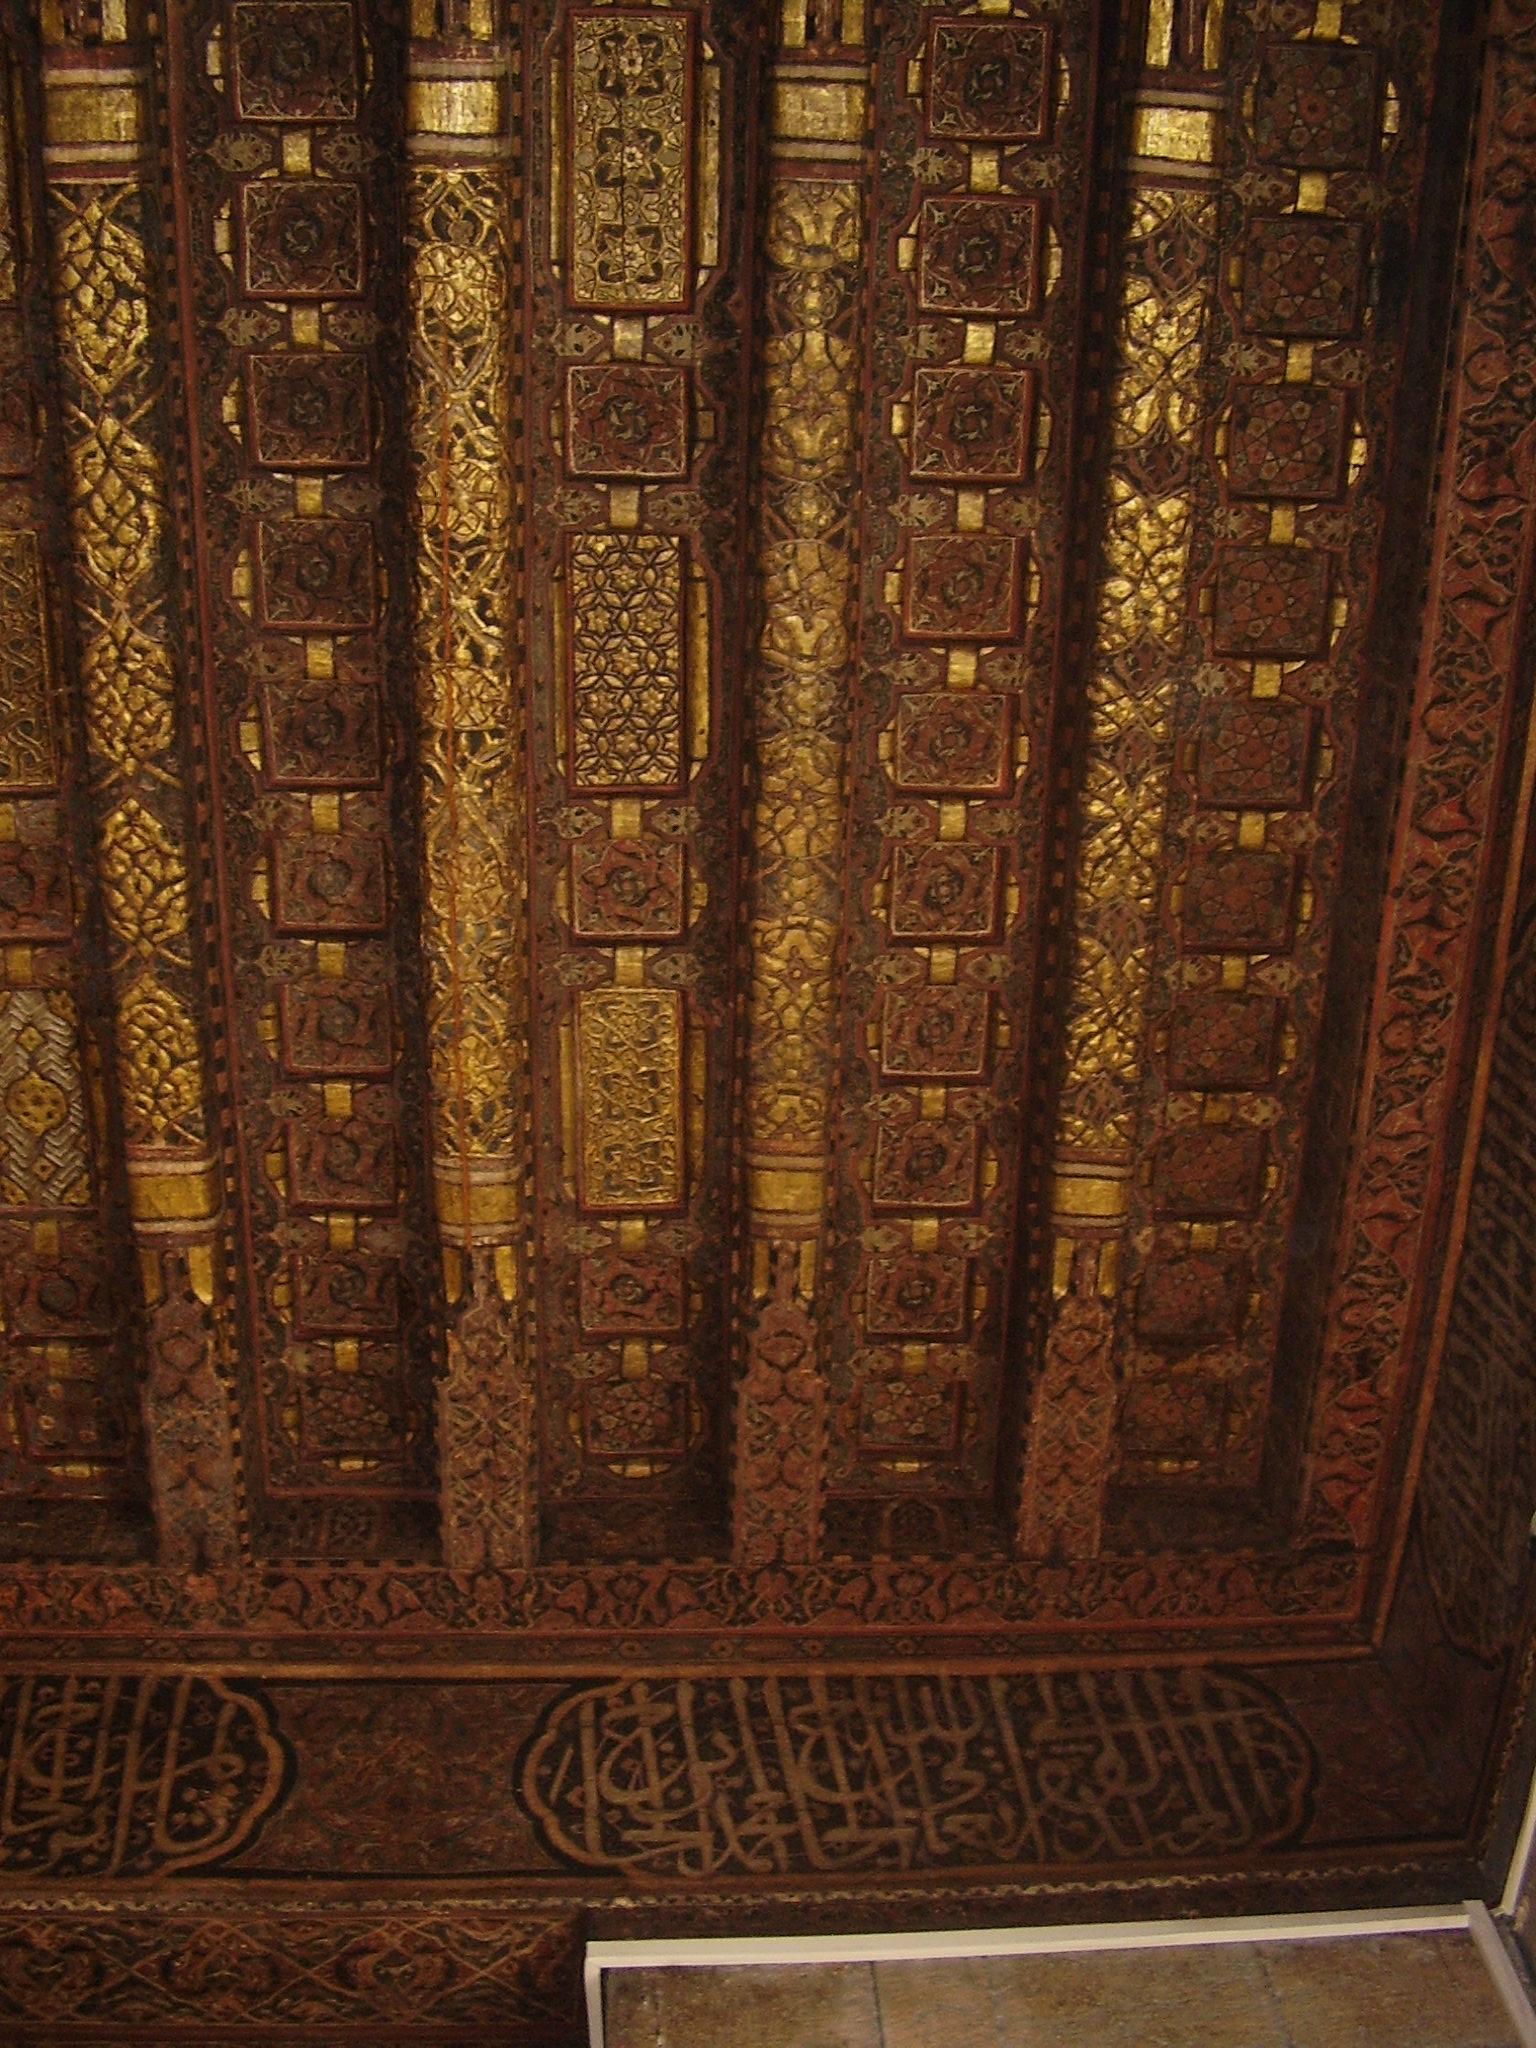 Ceiling of Sabil room